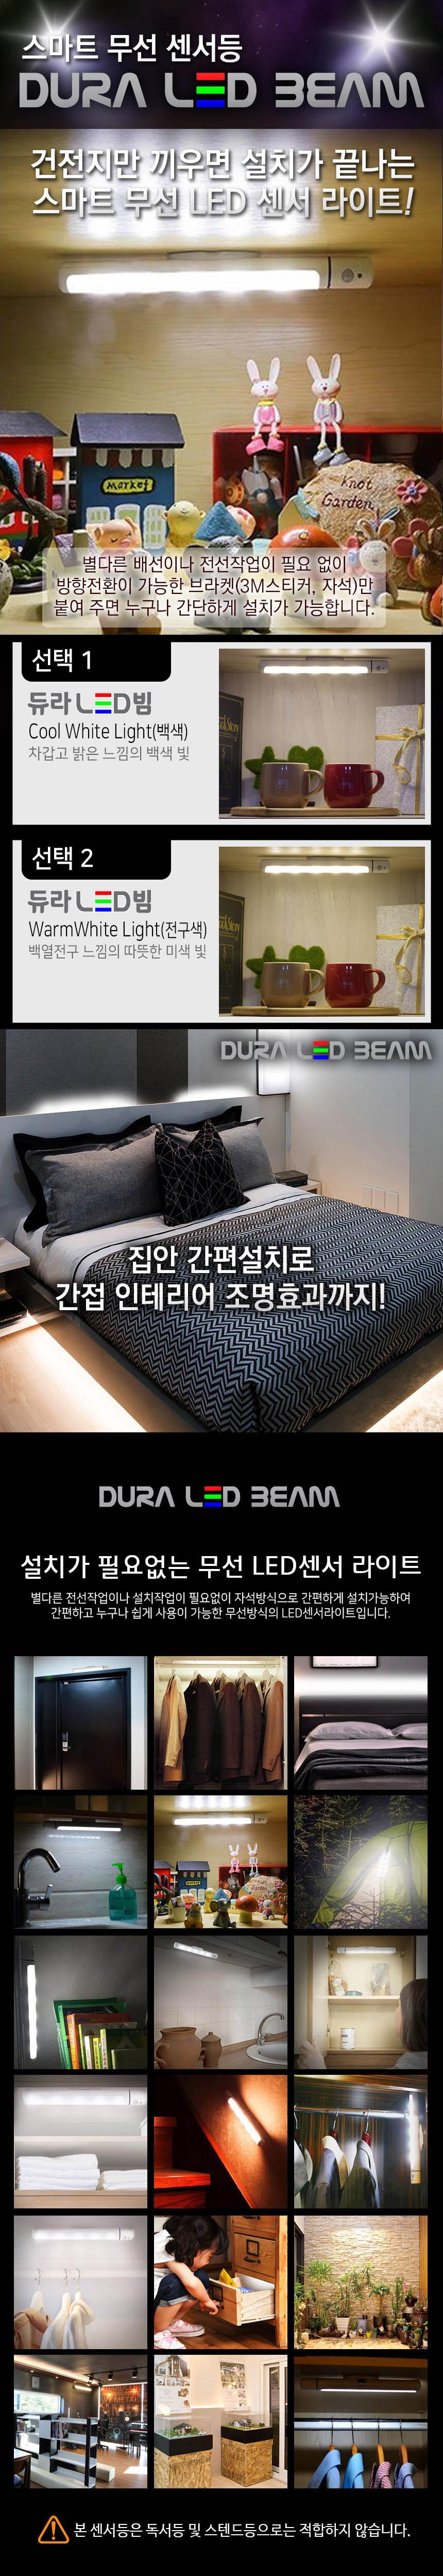 LED_1_D.jpg